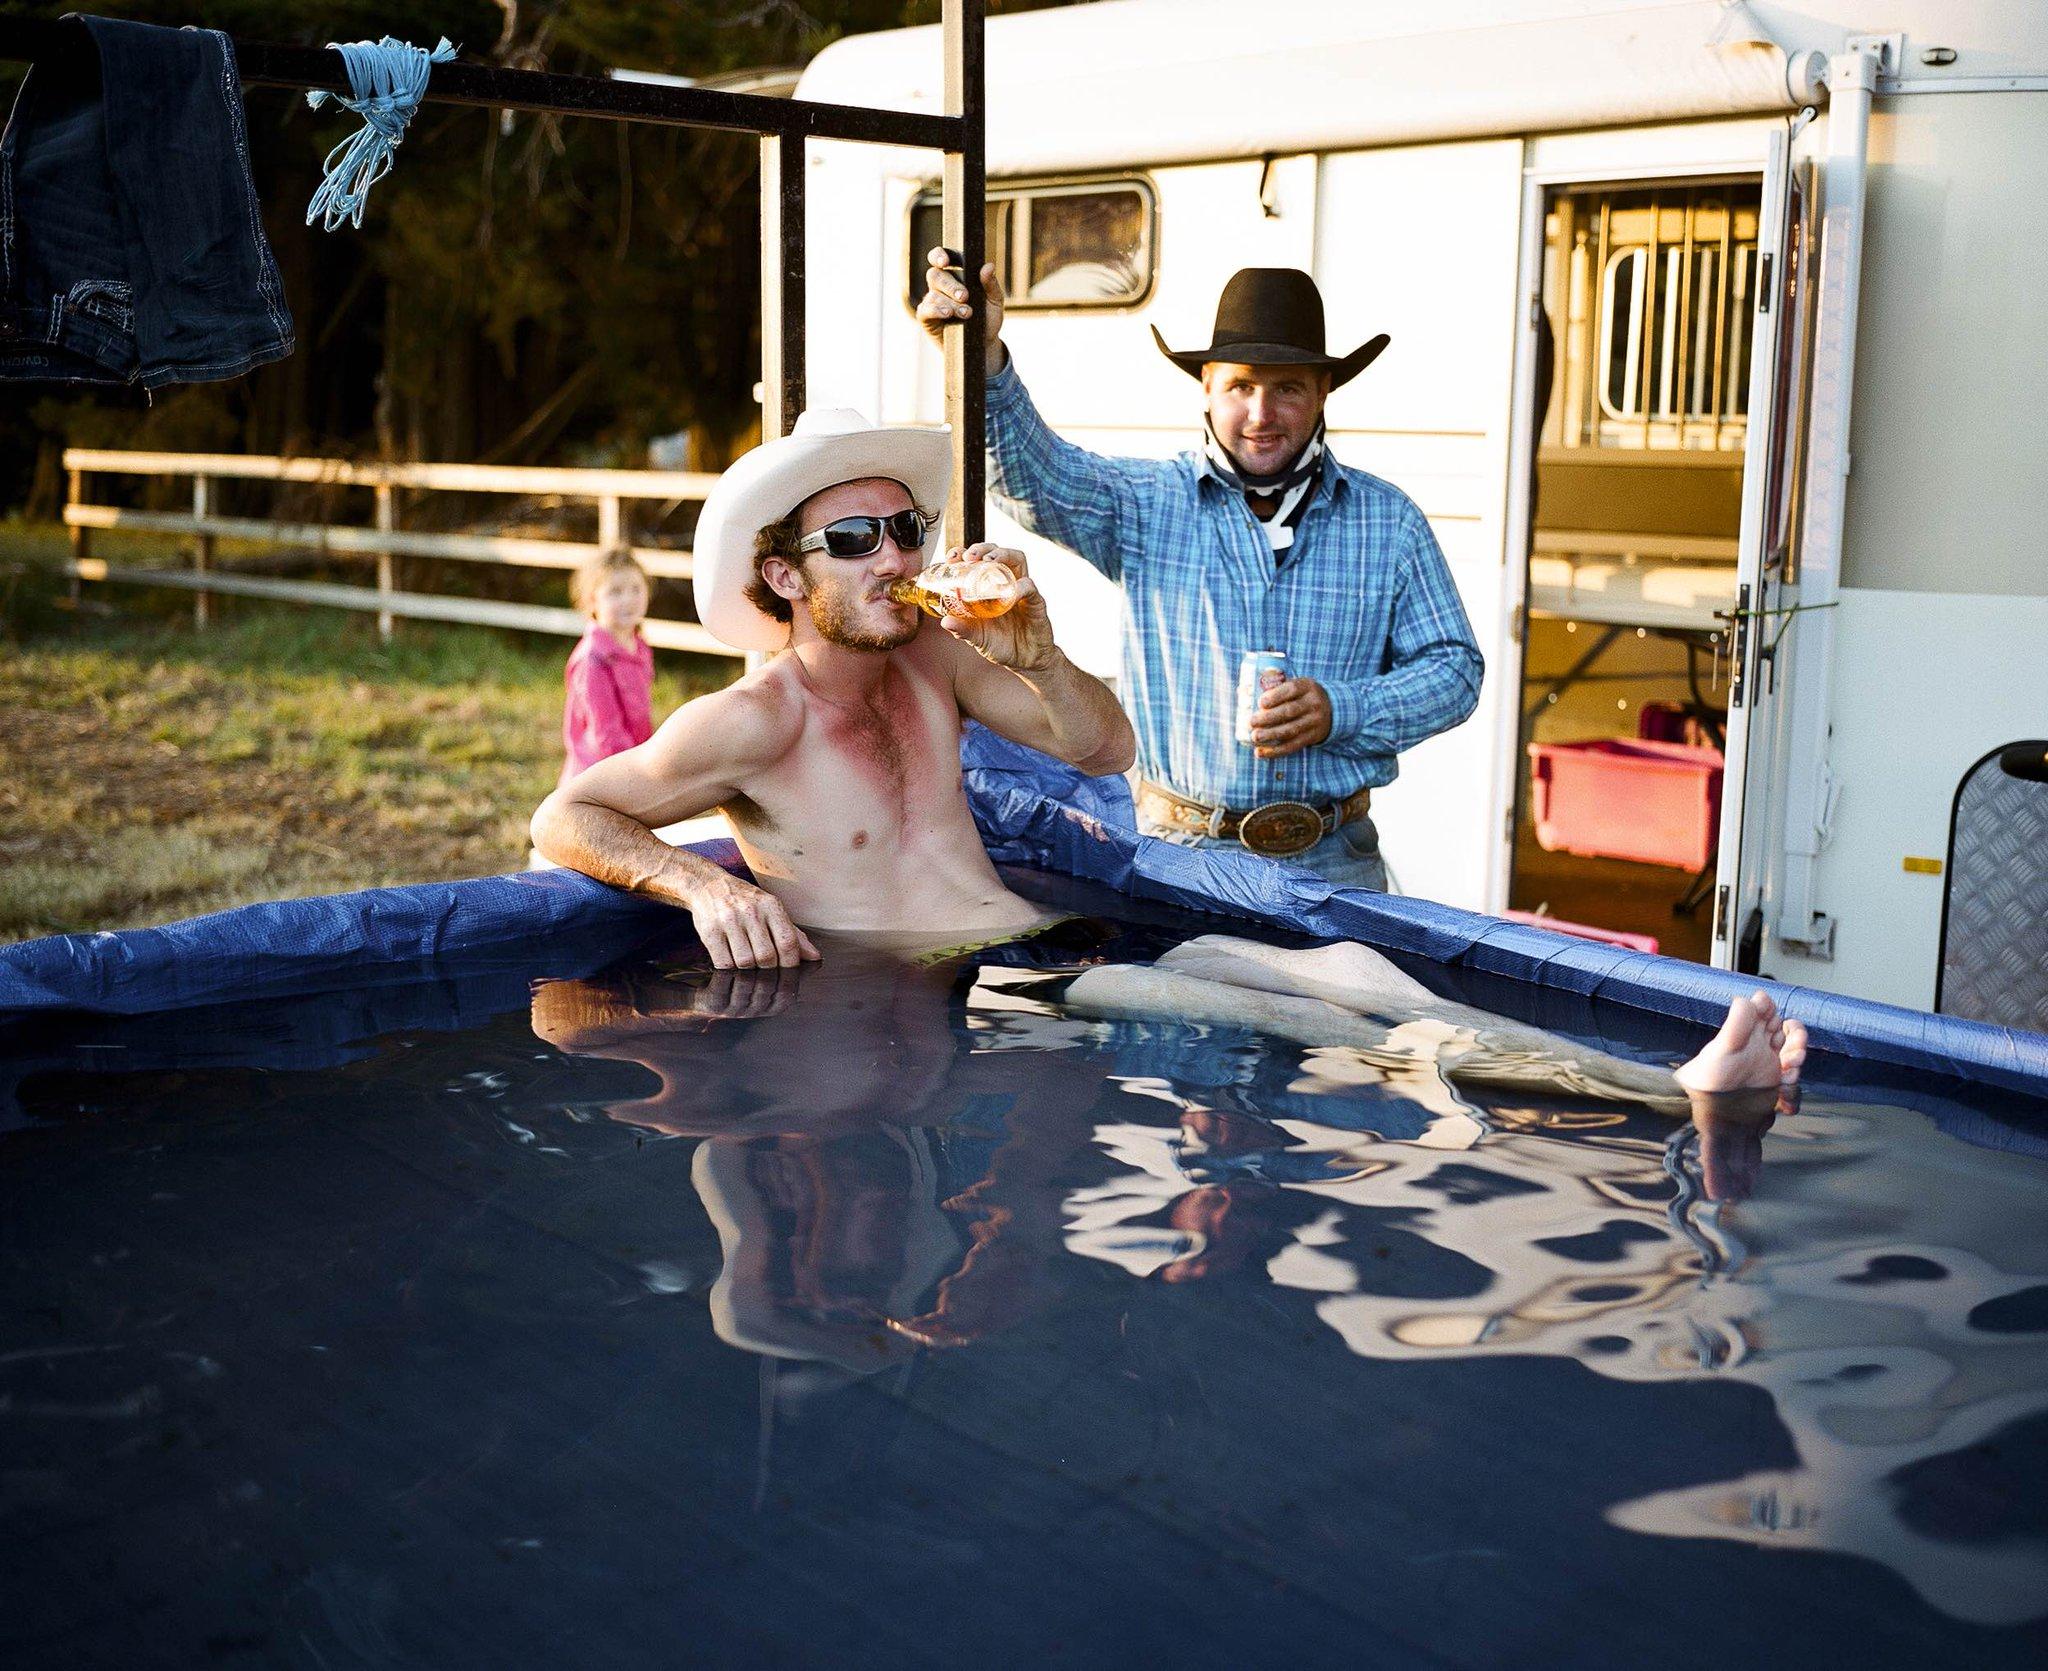 Photos of the dangerous, tight-knit world of Australian rodeo: https://t.co/Y1UskZdg1M https://t.co/ygKLa5Rifr